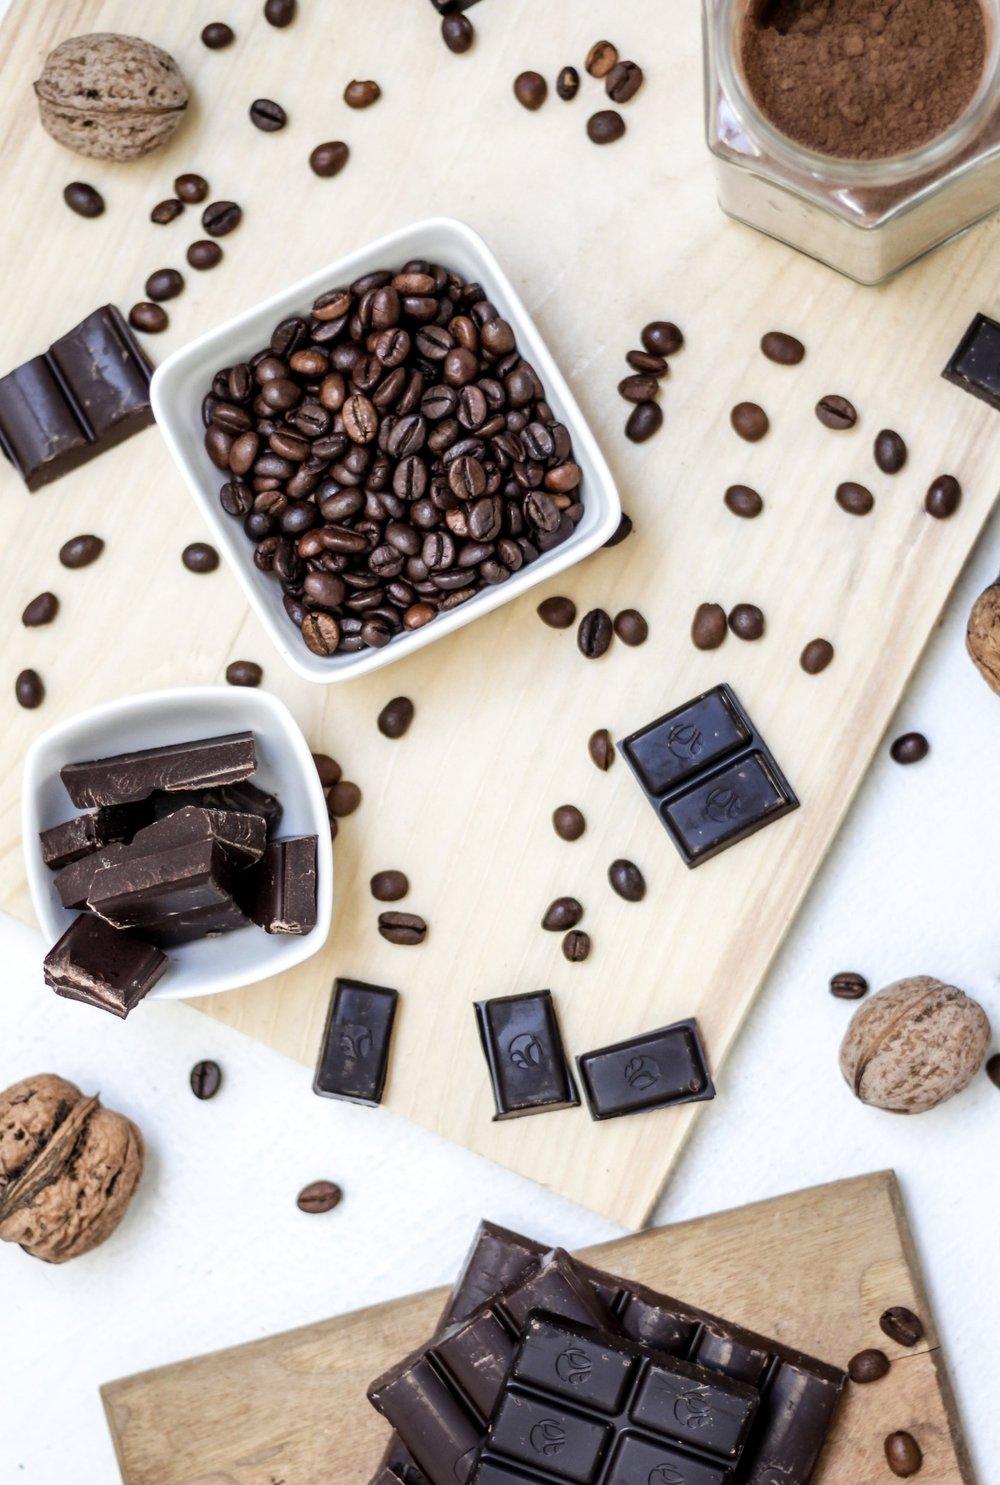 Desayuno - La comida más importante del día merece especial atención, por eso hemos creado opciones para todos los paladares en junto a nuestros amigos de Kafe Botanika, un precioso café a menos de un minuto andando de nuestra casa. Puedes reservarlo en nuestra web o hacerlo cuando quieras en el mostrador de recepción.OPCIÓN 1Café, té o batido de chocolate.Tortilla, tostada o croissant.3.50 EurosOPCIÓN 2Zumo + café, té o batido de chocolate..A elegir entre:yogurt casero con fruta y cereales; tostada con salmón marinado y queso fresco; tostada con tomate y jamón, o tostada clásica con mantequilla y jamón.6,50 Euros*Pan sin gluten para celíacos